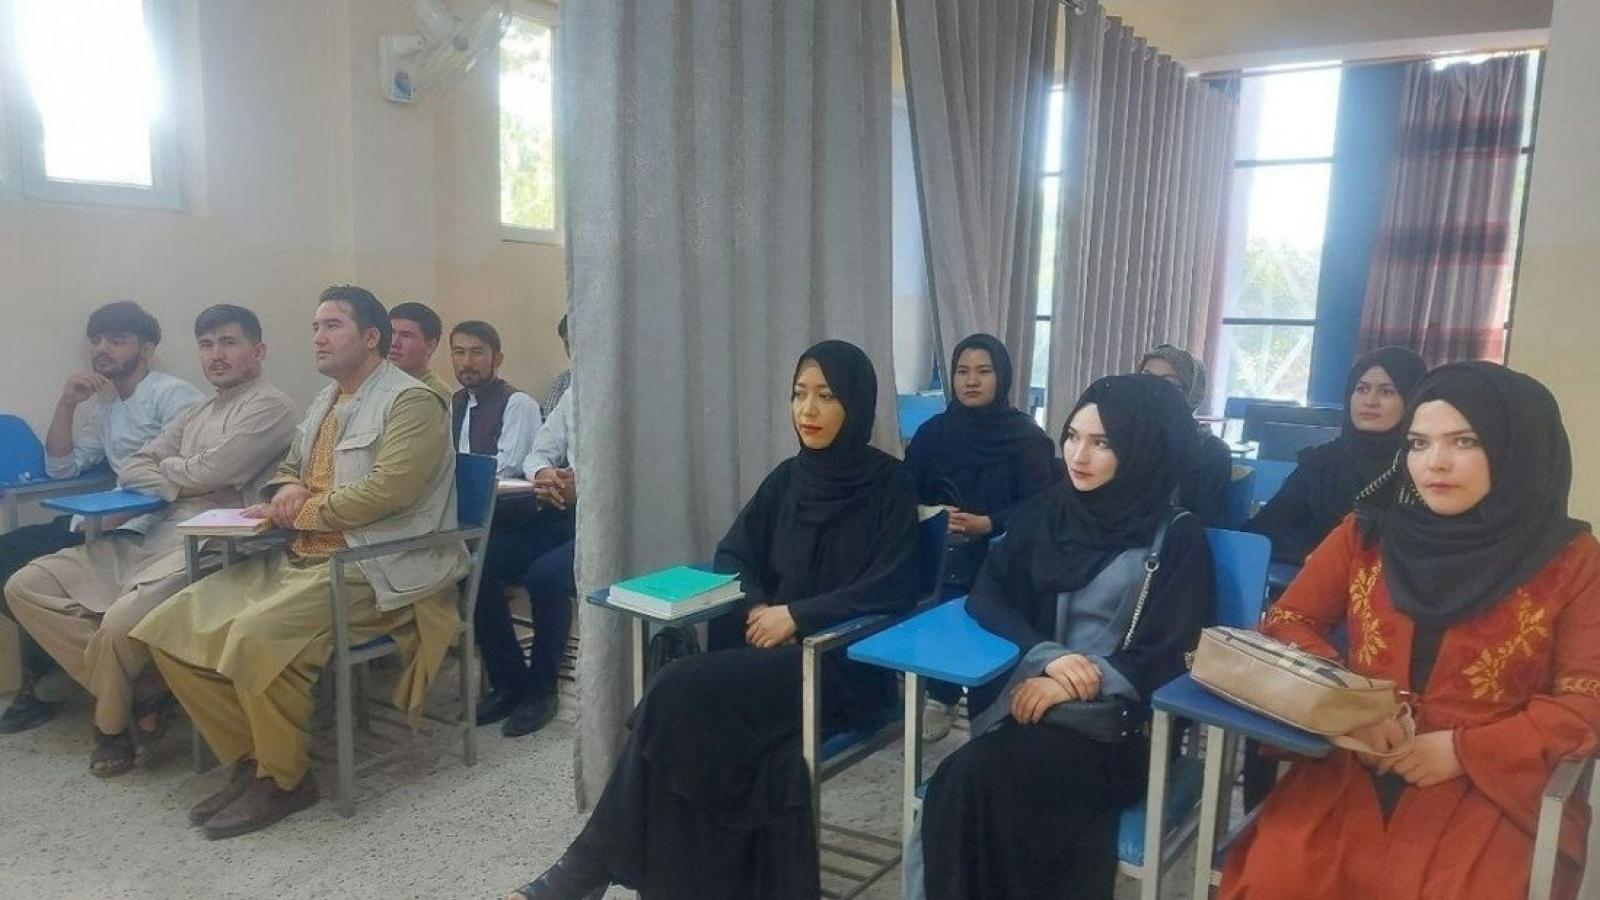 Tấm rèm ngăn cách giữa nam và nữ sinh viên tại các trường đại học ở Afghanistan